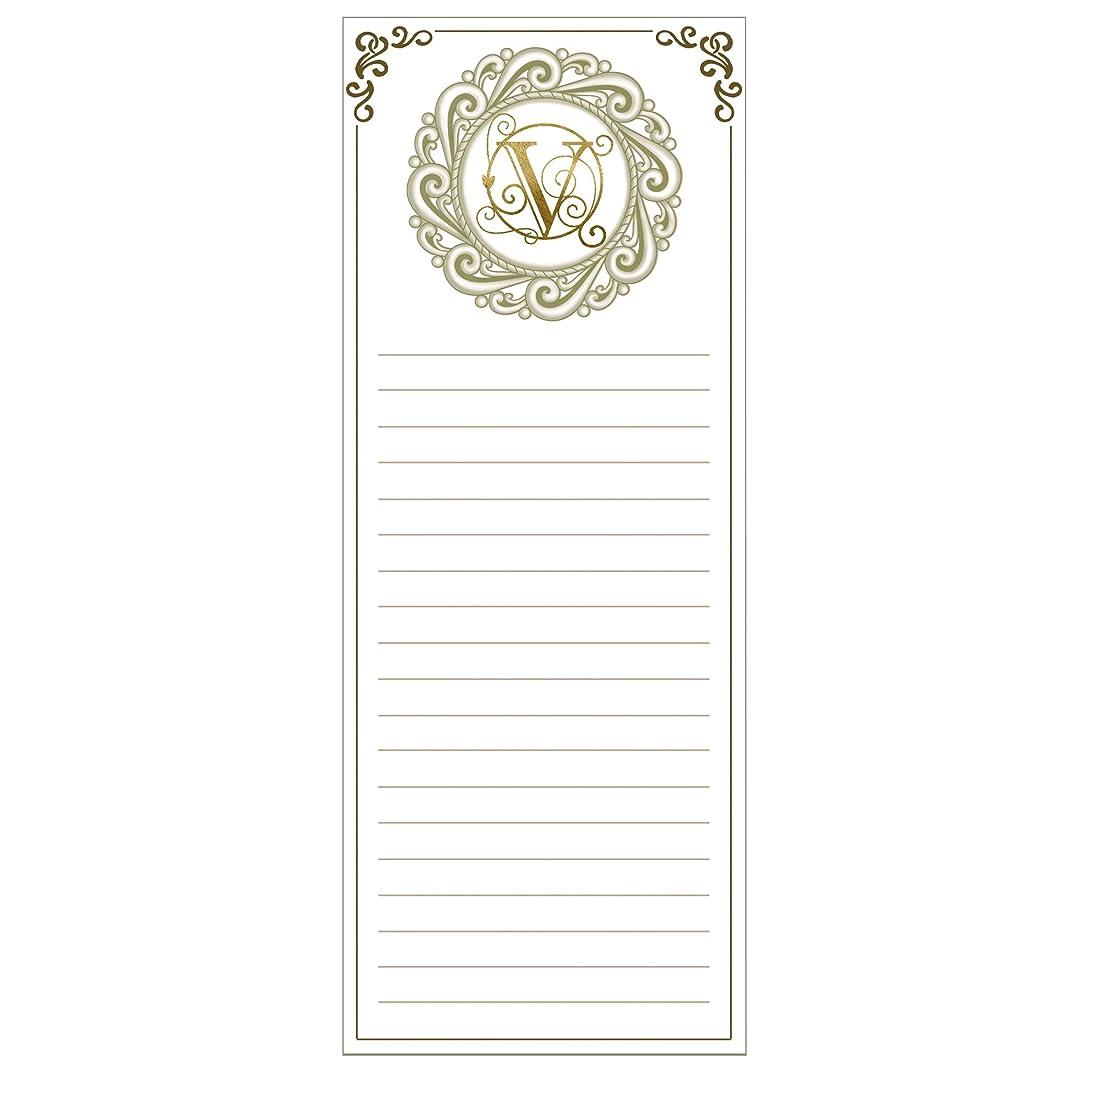 職業泣き叫ぶ親指Grasslands Road Cucina Monogram Metallic Gold Letter Initial V Magnetic Memo Pad